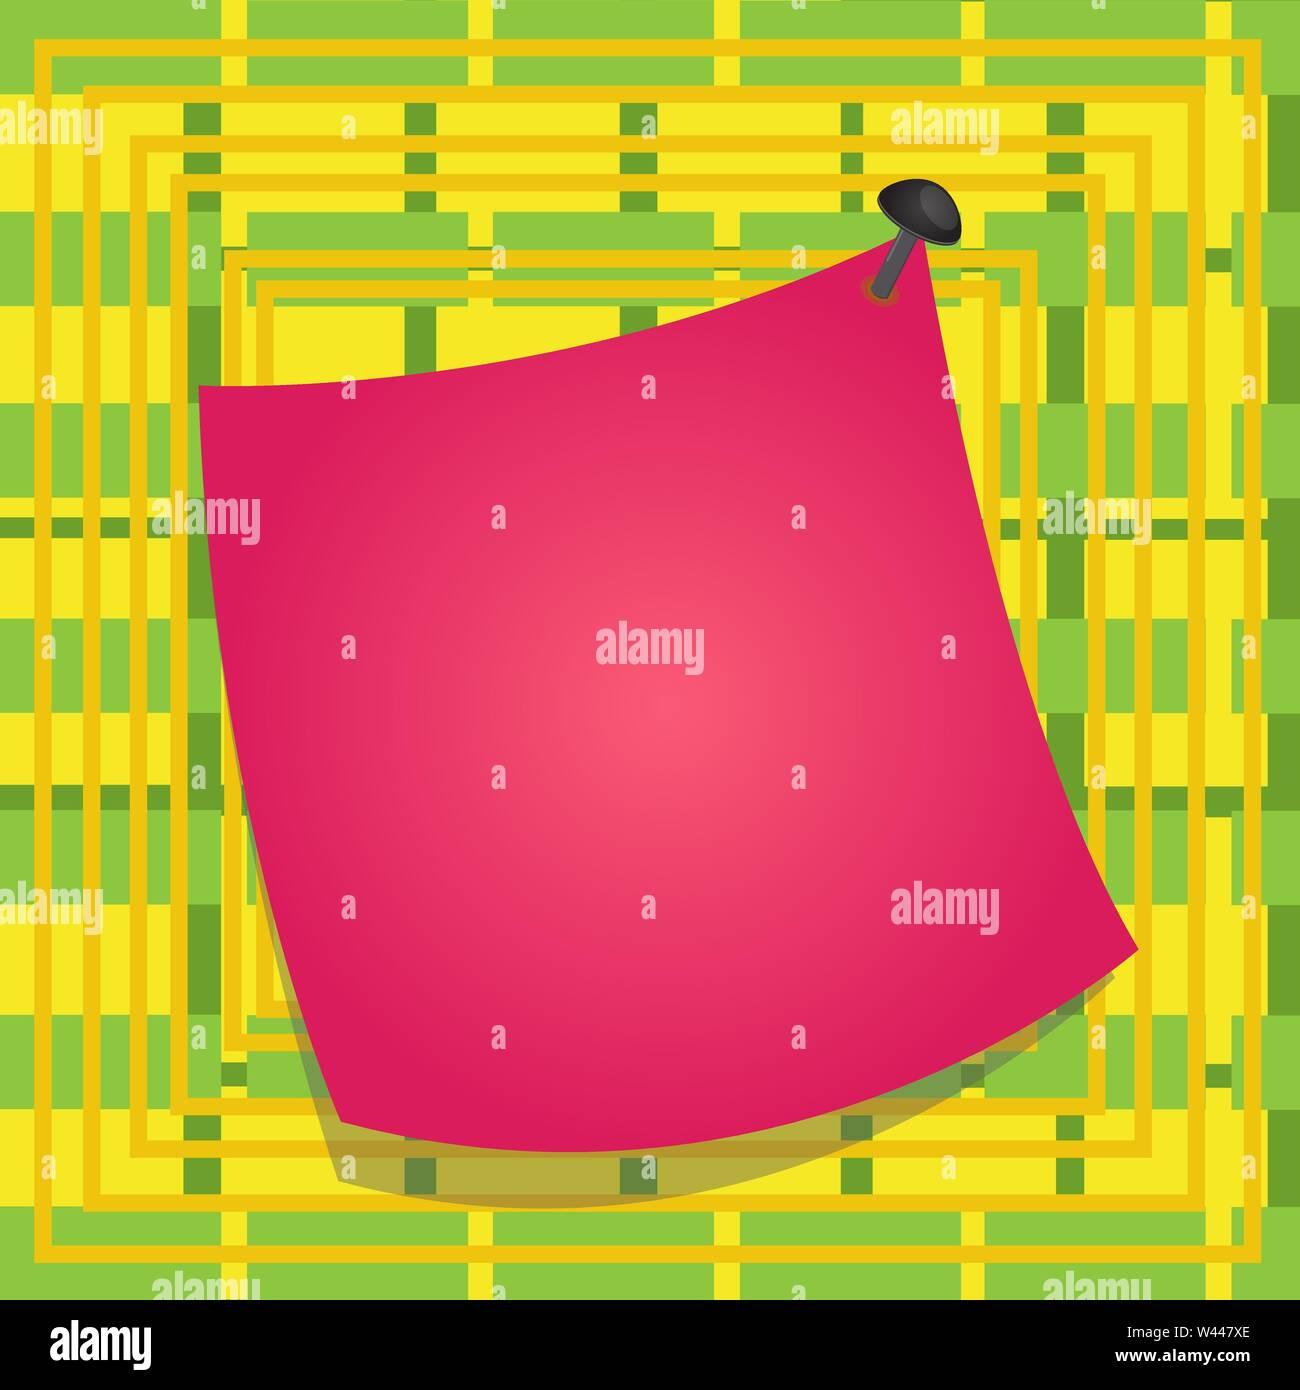 Promemoria curvo memo carta inchiodato superficie colorata bloccato pin vuoto telaio concetto Business vuota copia modello spazio isolato Posters coupon promozione Immagini Stock